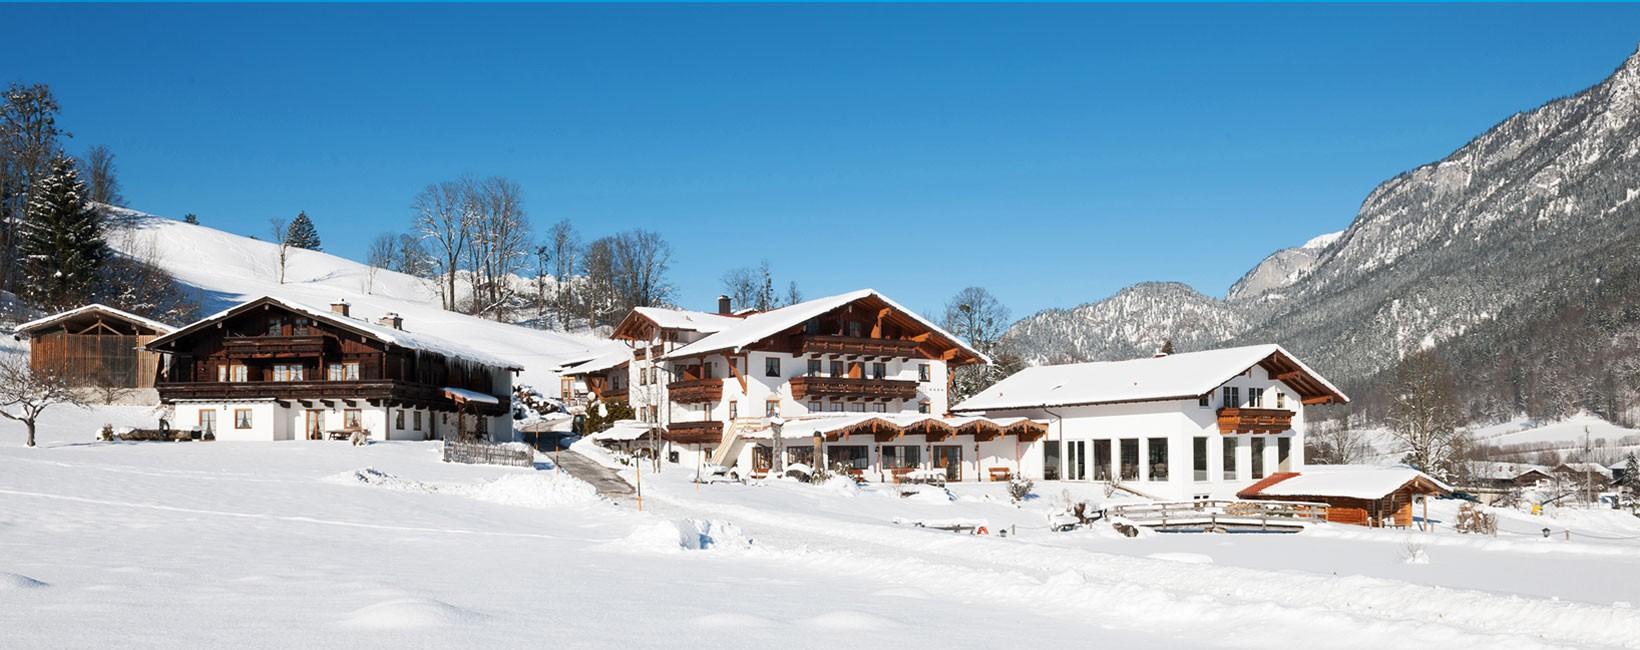 Naturhotel Reissenlehen im Winter